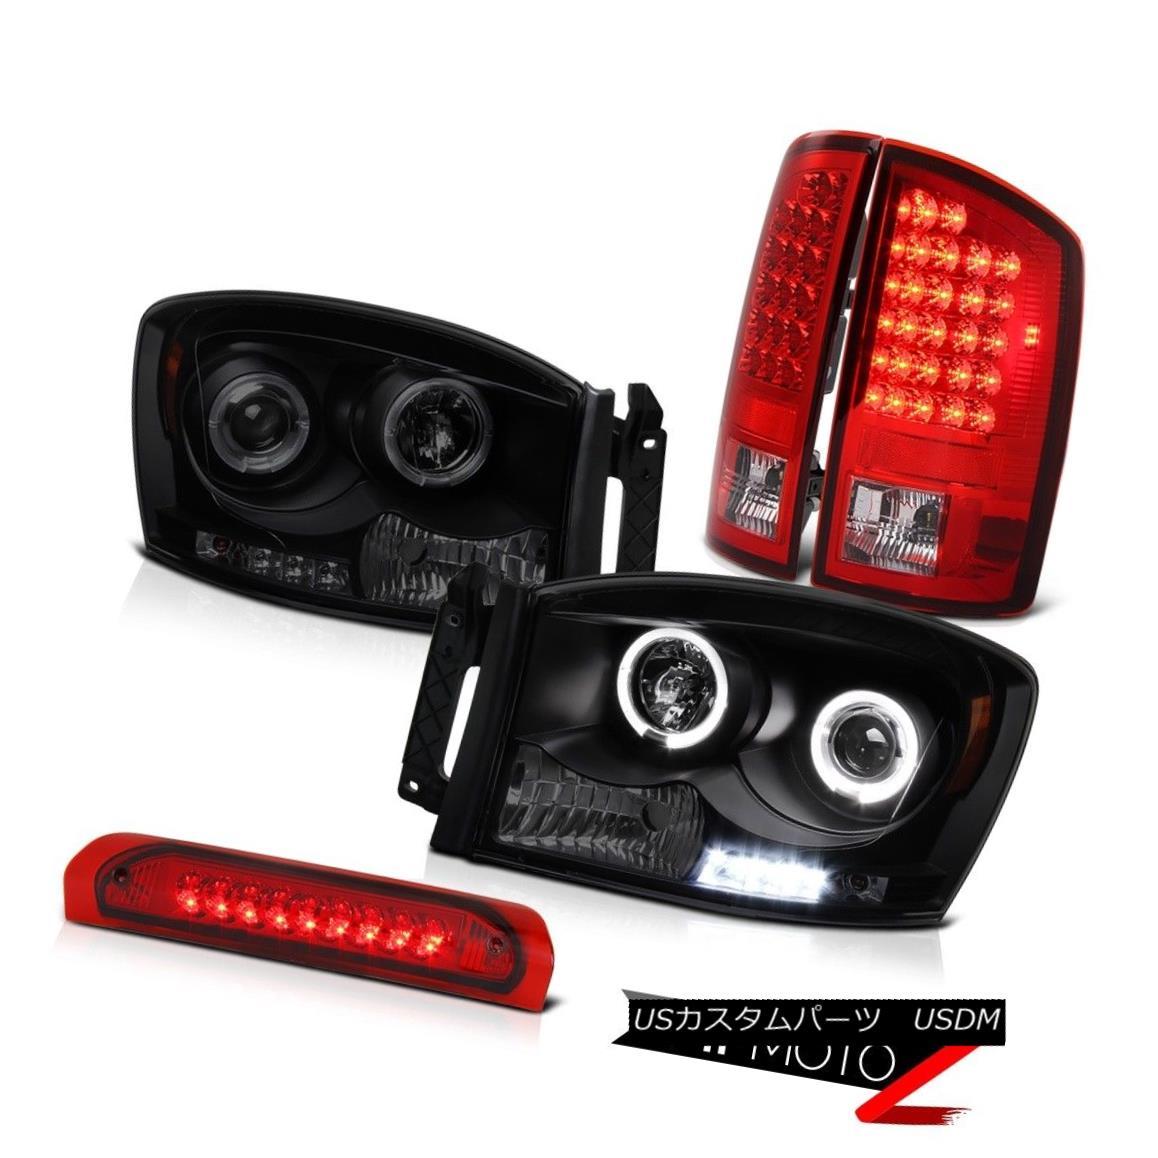 テールライト 2006 Dodge Ram 5.9L Projector Dark Angel Eye Headlight LED Top Mount Brake Lamps 2006ダッジラム5.9LプロジェクターダークエンジェルアイヘッドライトLEDトップマウントブレーキランプ